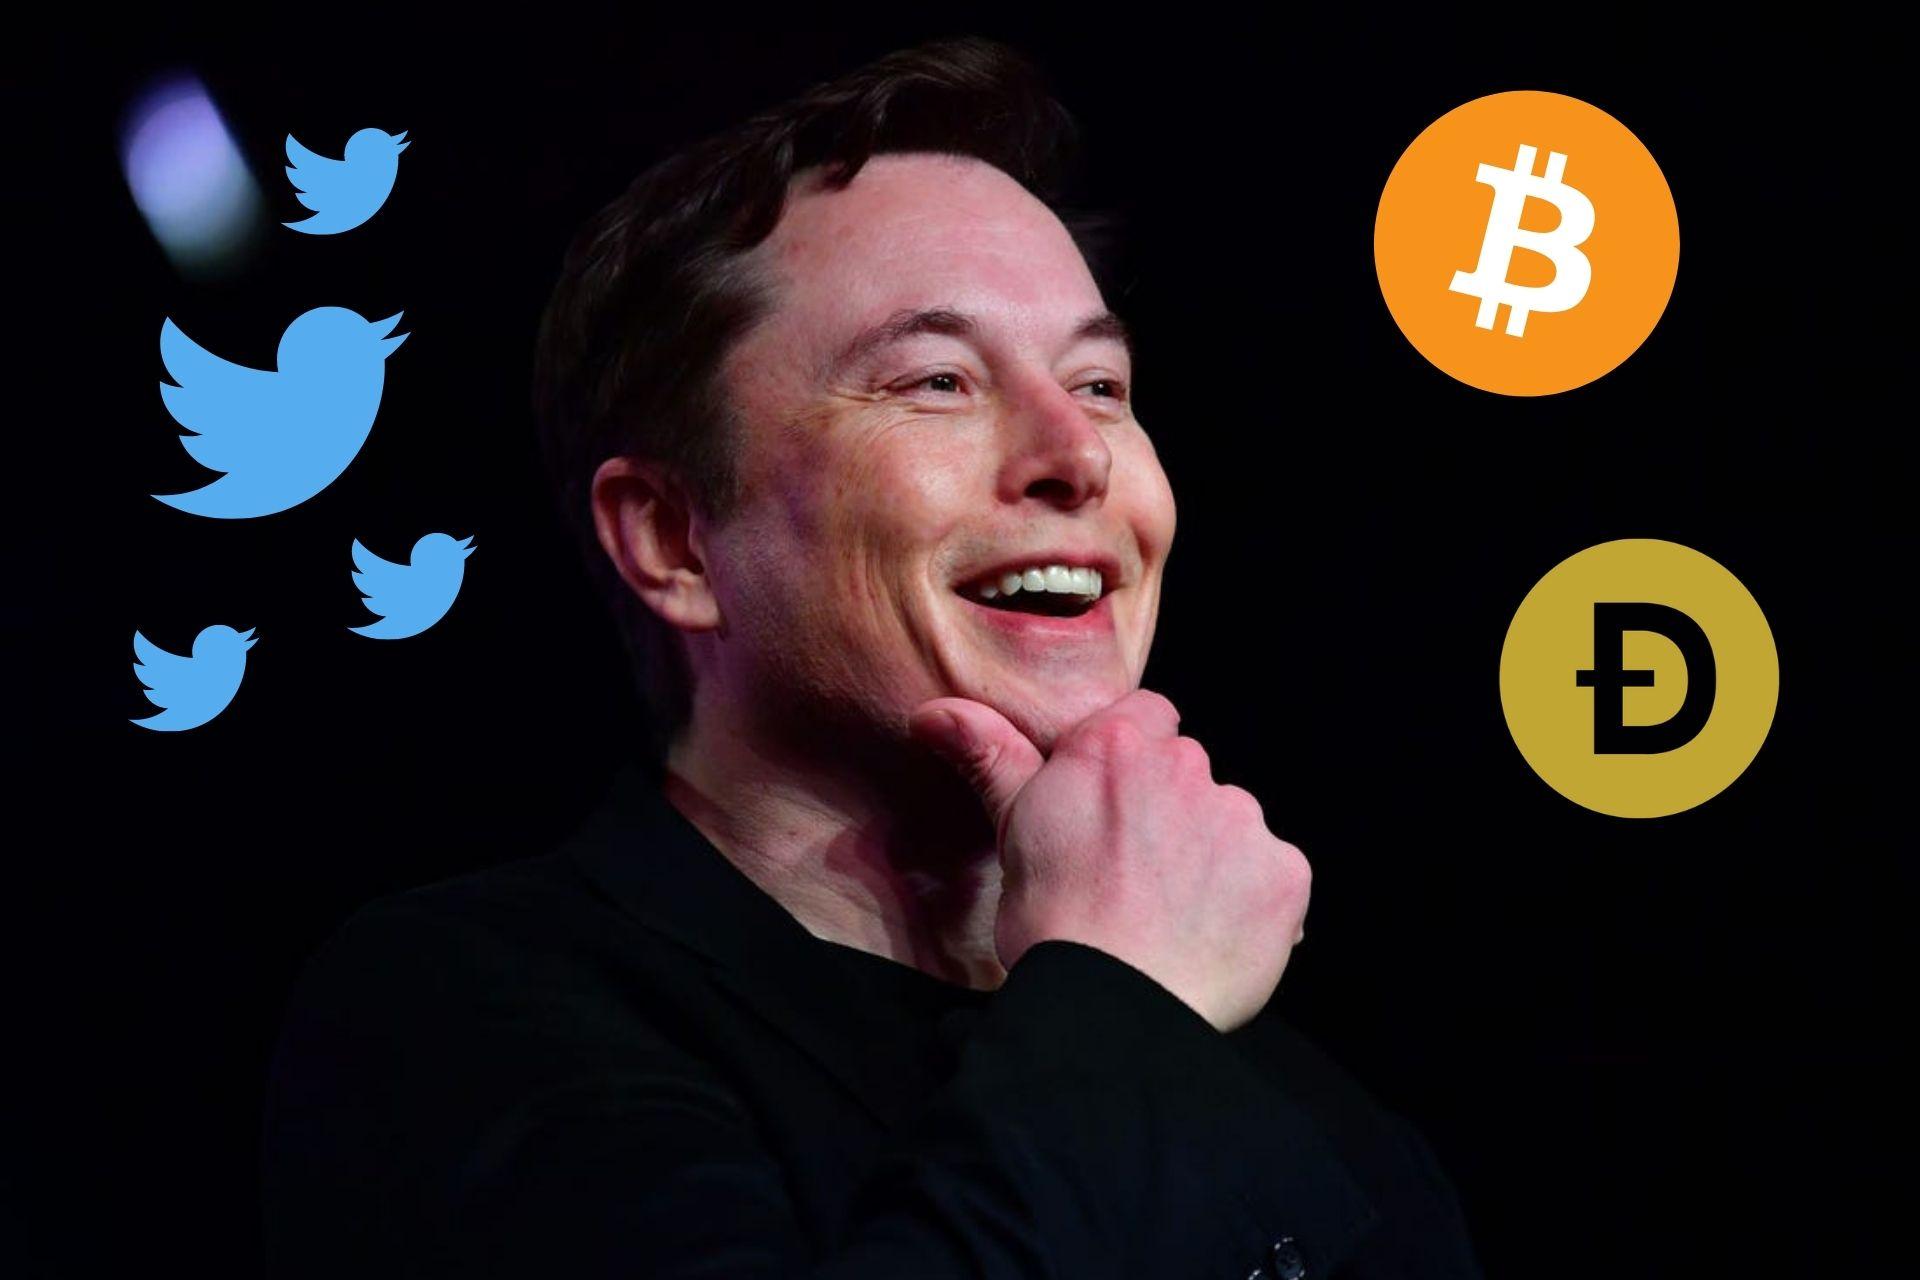 Analizan el impacto de los tweets de Elon Musk sobre Bitcoin y Dogecoin